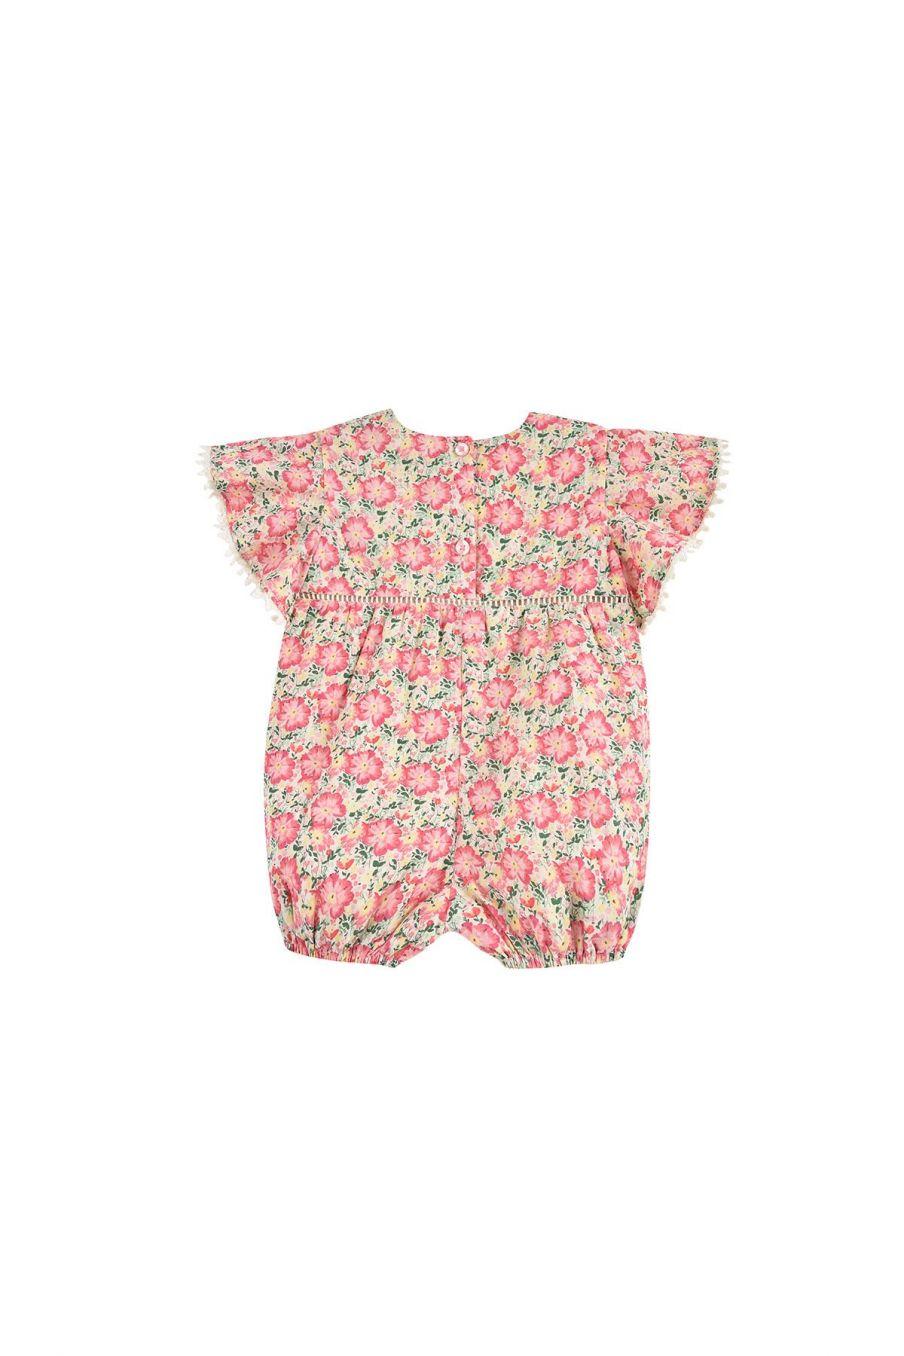 boheme chic vintage combinaison bébé fille mayalia pink meadow